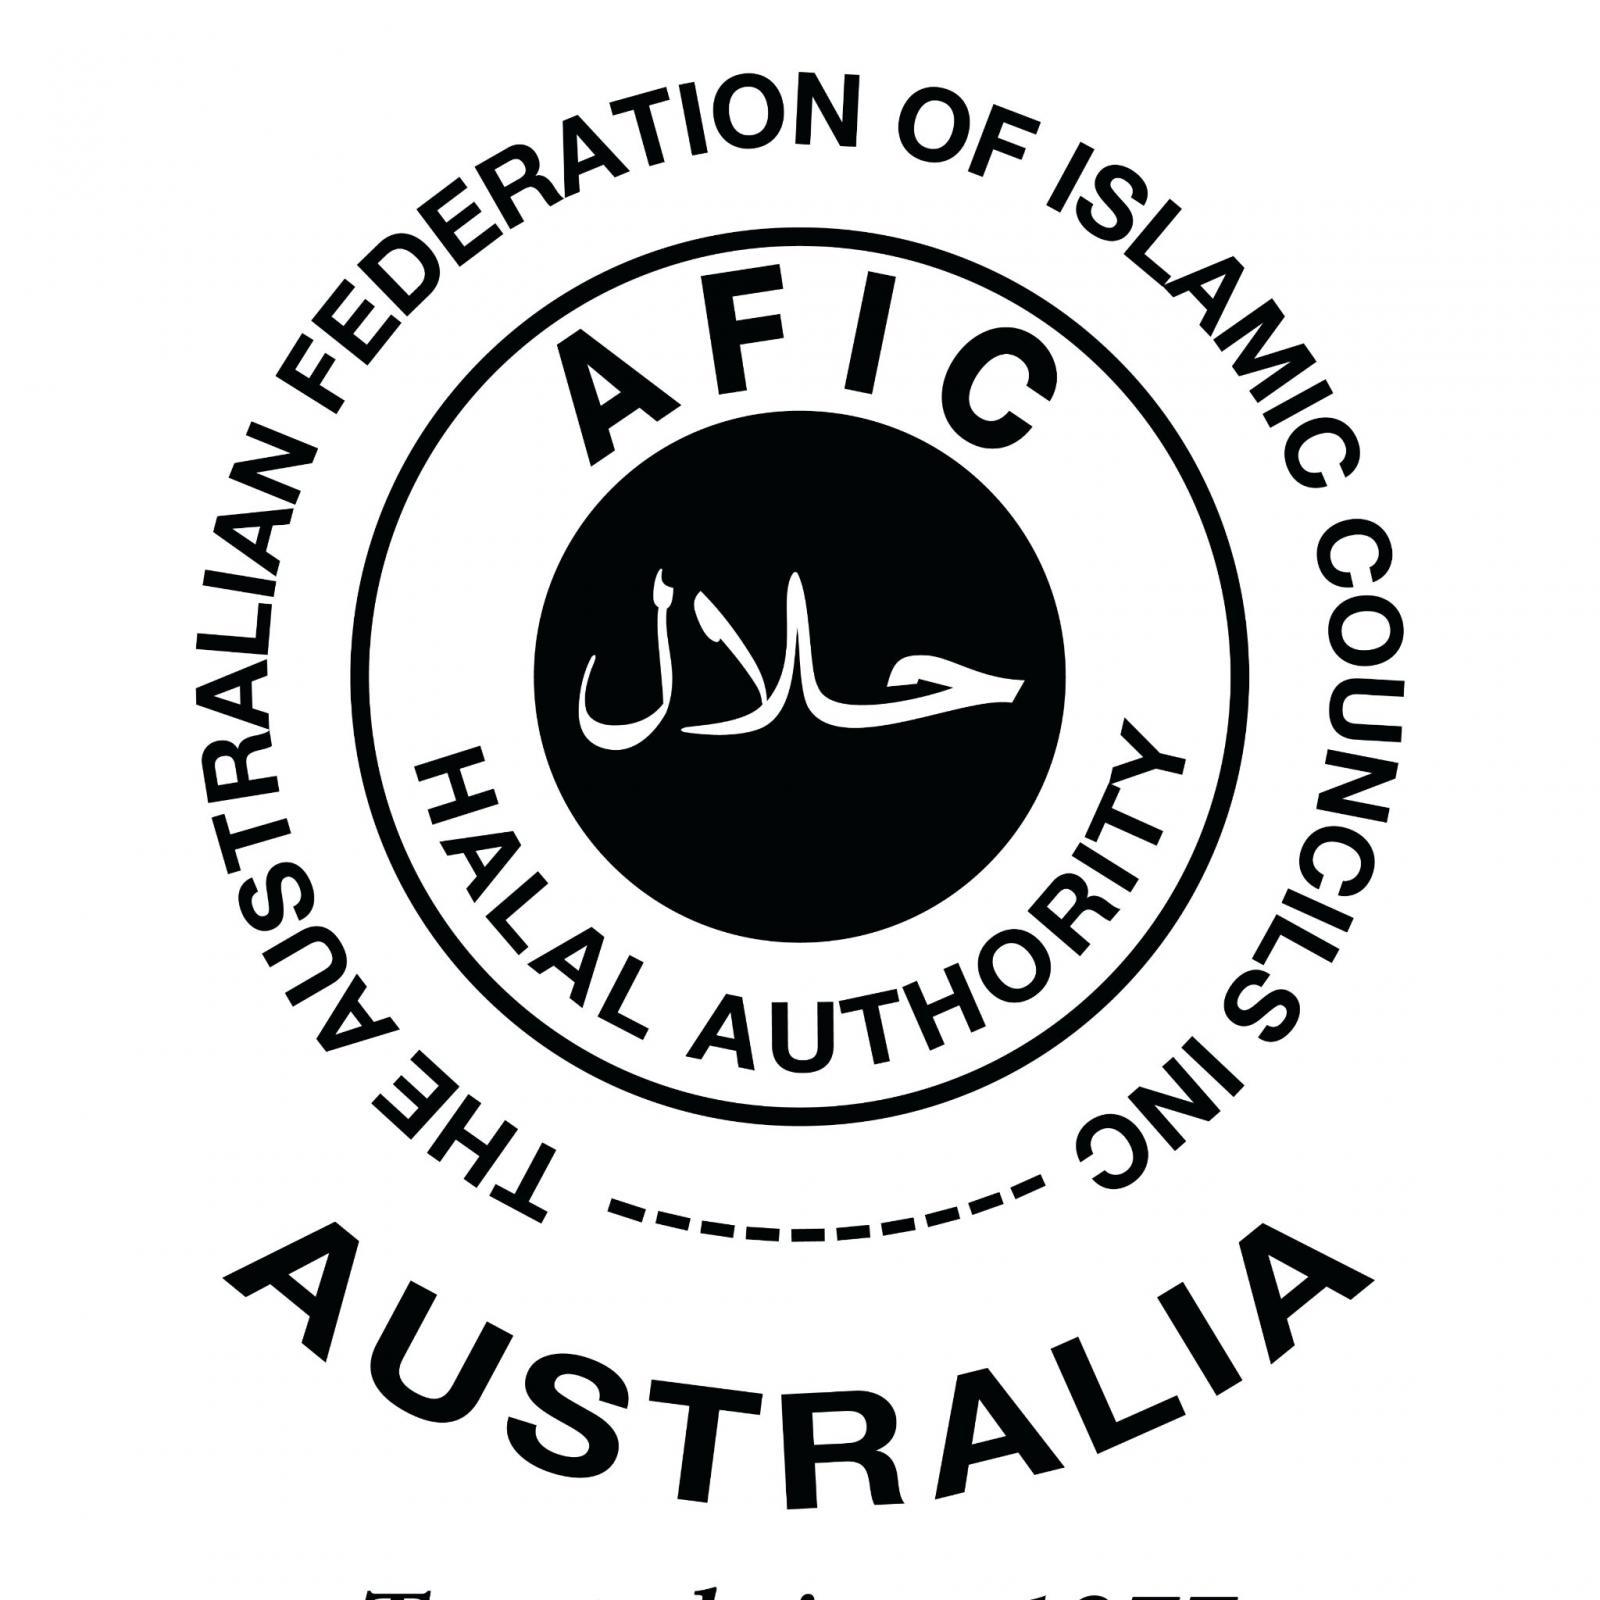 Přírodní certifikát AFIC HALAL AUTHORITY